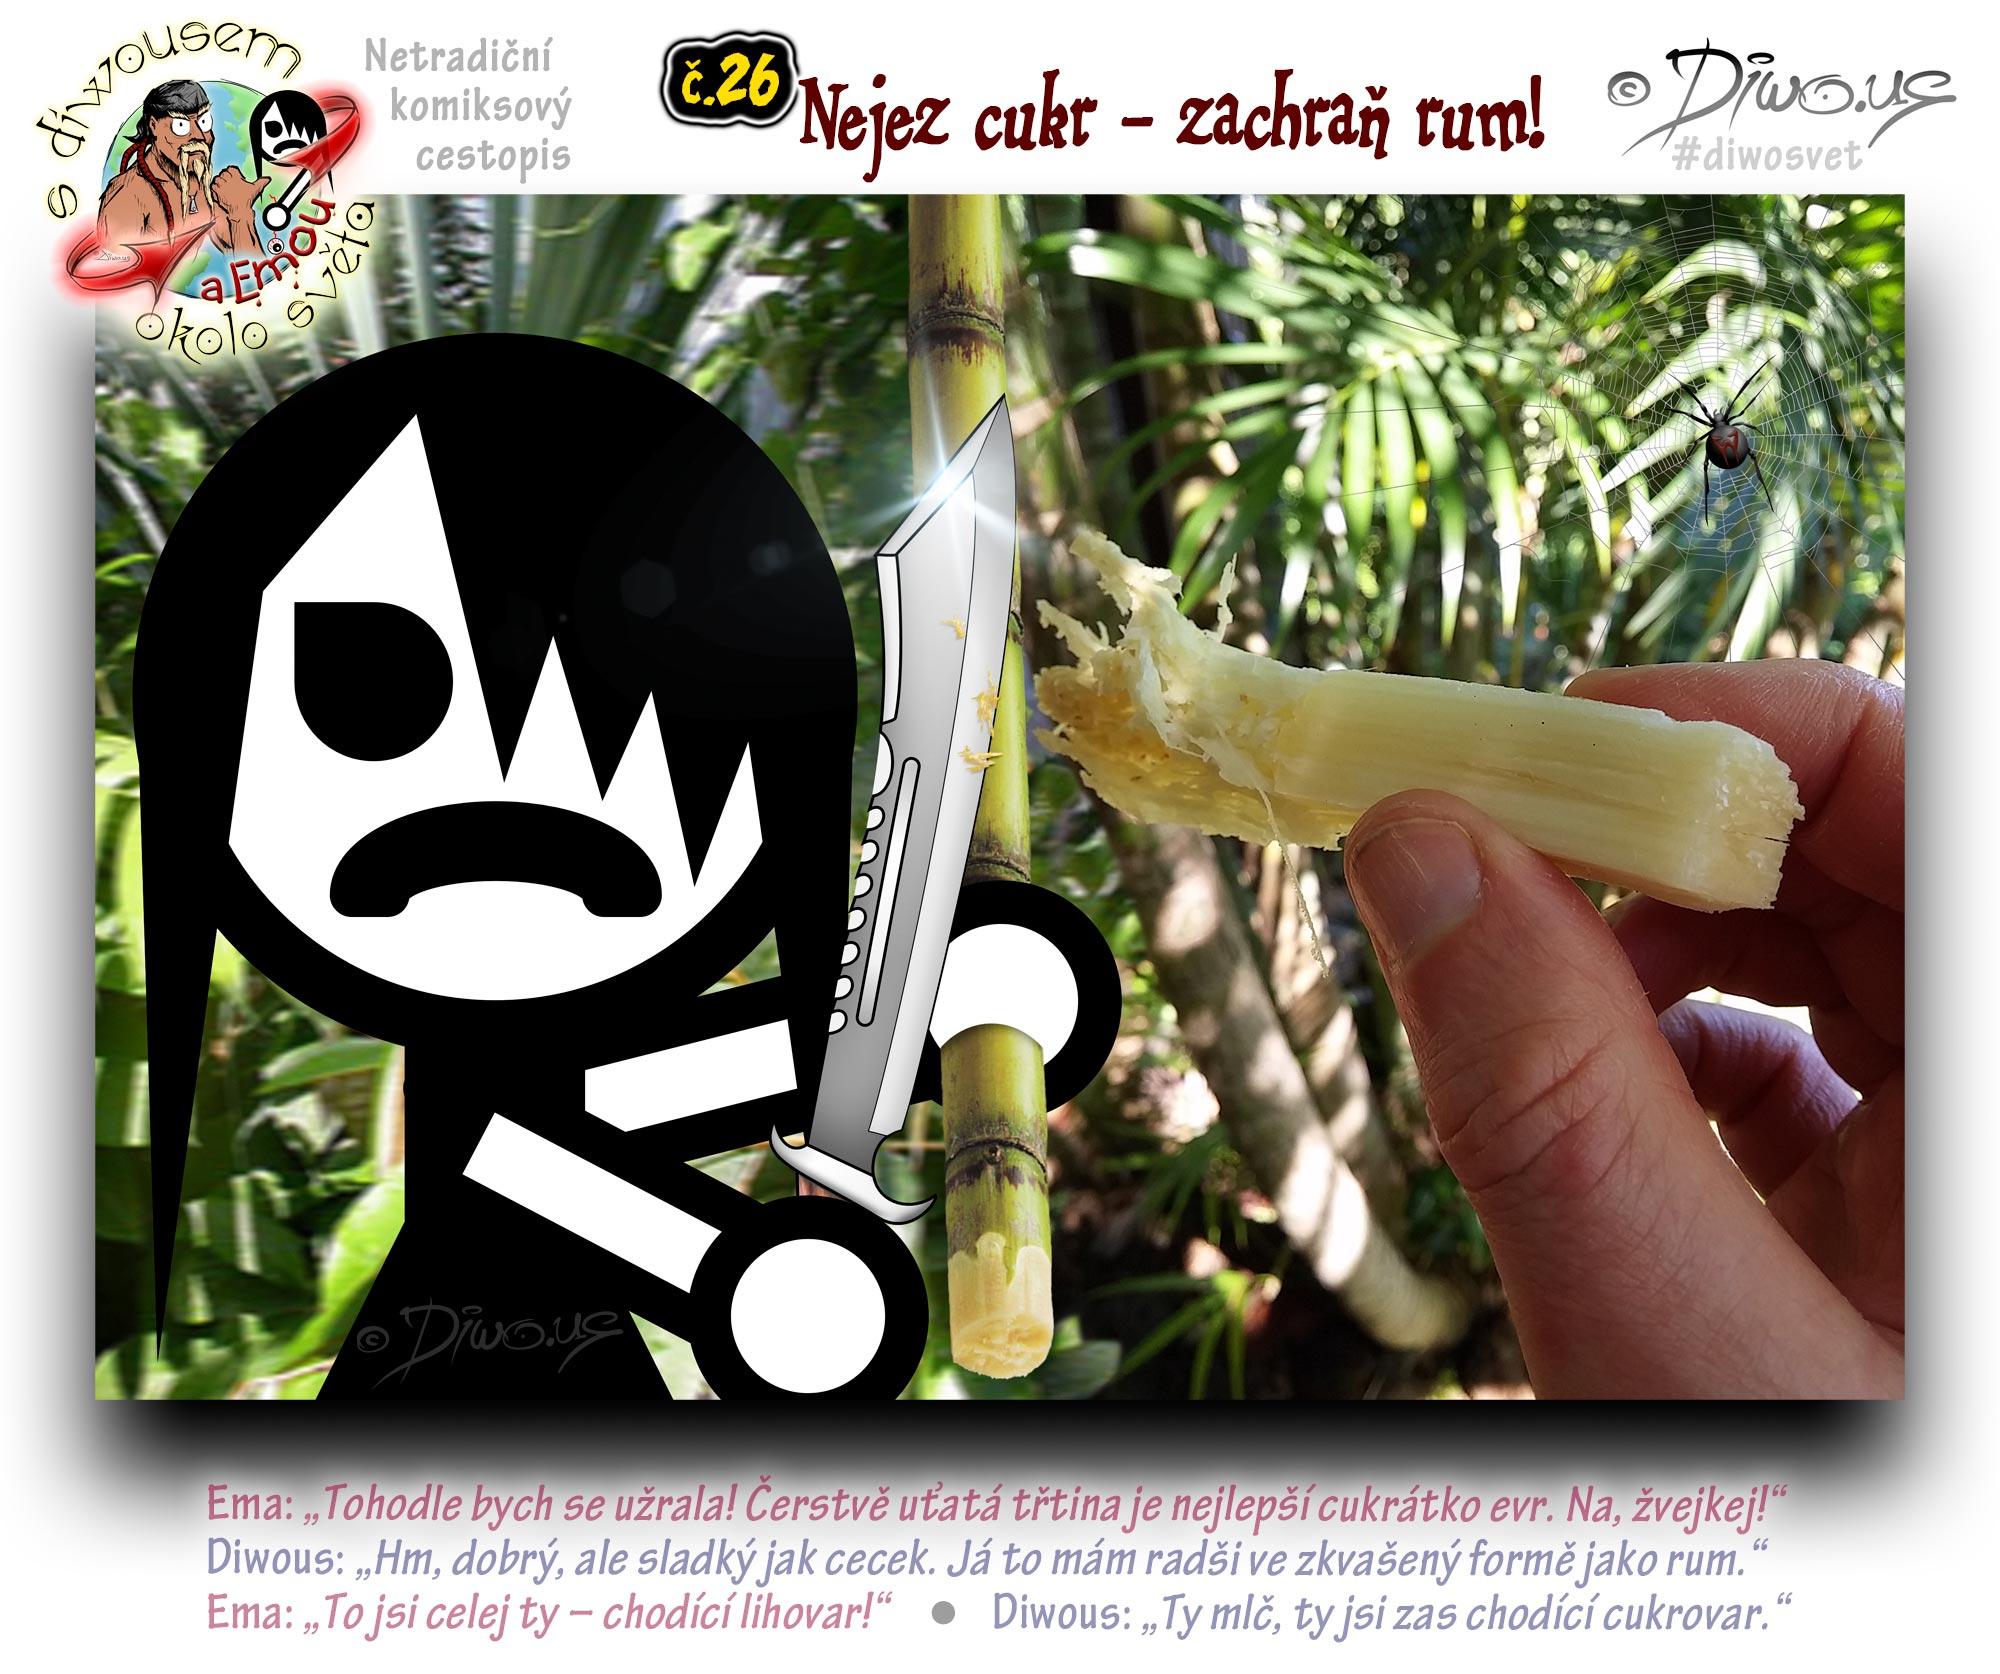 Diwous - netradiční komiksový cestopis, Ema, taktická mačeta, džungle, tropy, deštný prales, cukrová třtina, žvýkání, dřevitá dužina, bambus, kapradiny, vegetace, rostlinstvo, flóra, Jamajka, Jamaica, tactical machete, jungle, tropics, rain forest, sugarcane, bamboo, wood pulp, ferns, vegetation